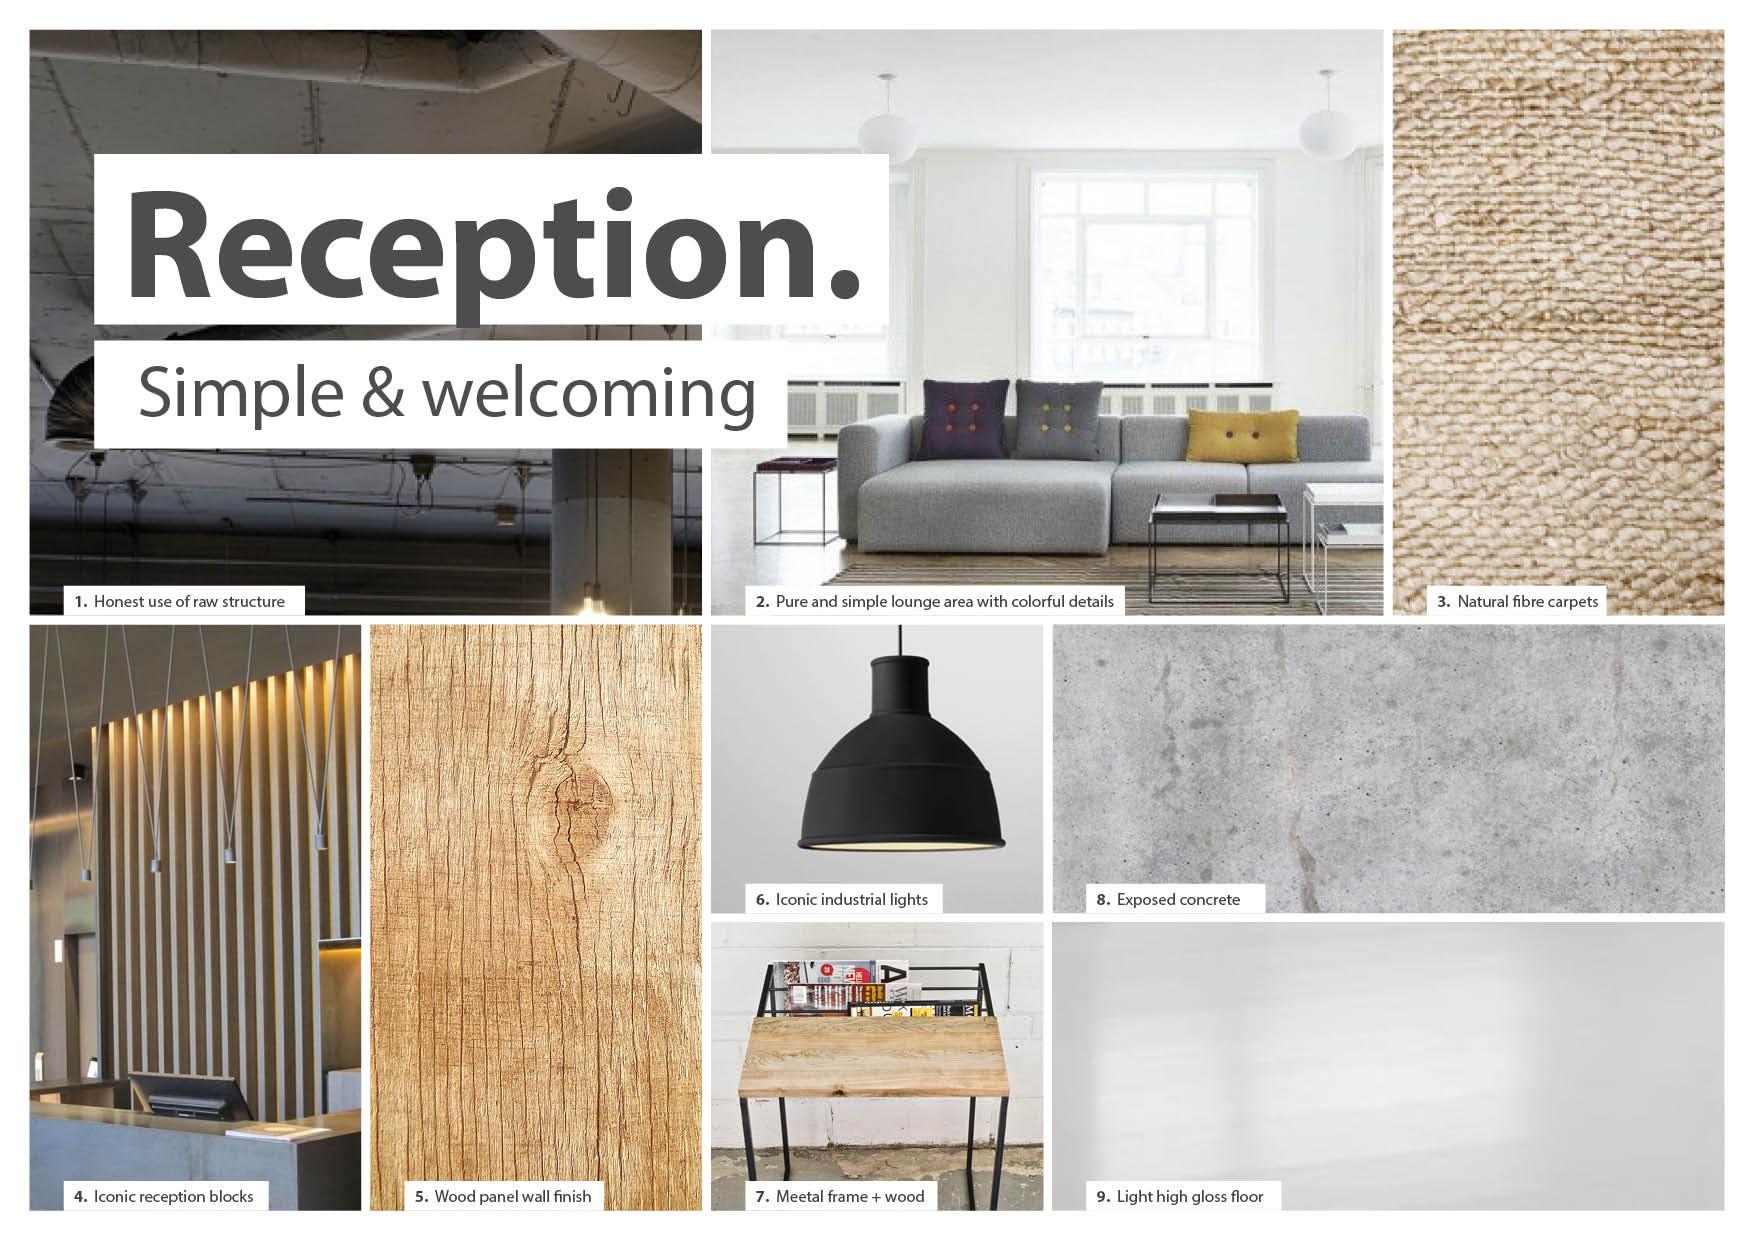 BLOOEY+Remko+Verhaagen+Good+Hotel+Design+reception.jpg